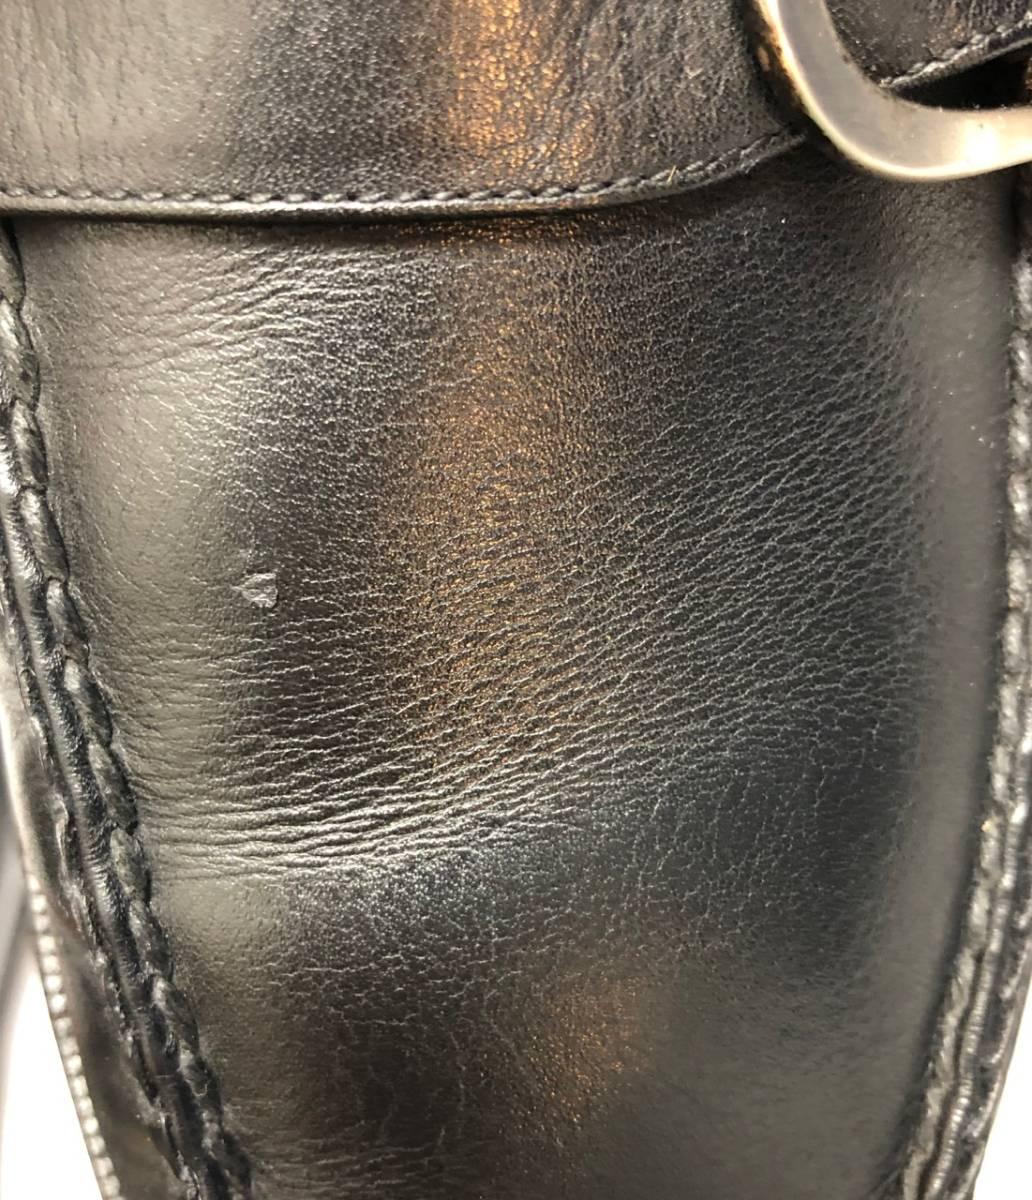 即決 COLE HAAN コールハーン レザーシューズ ビジネスシューズ メンズ サイズ9D 訳26.5cm ブラック_左足、甲の部分、キズあり